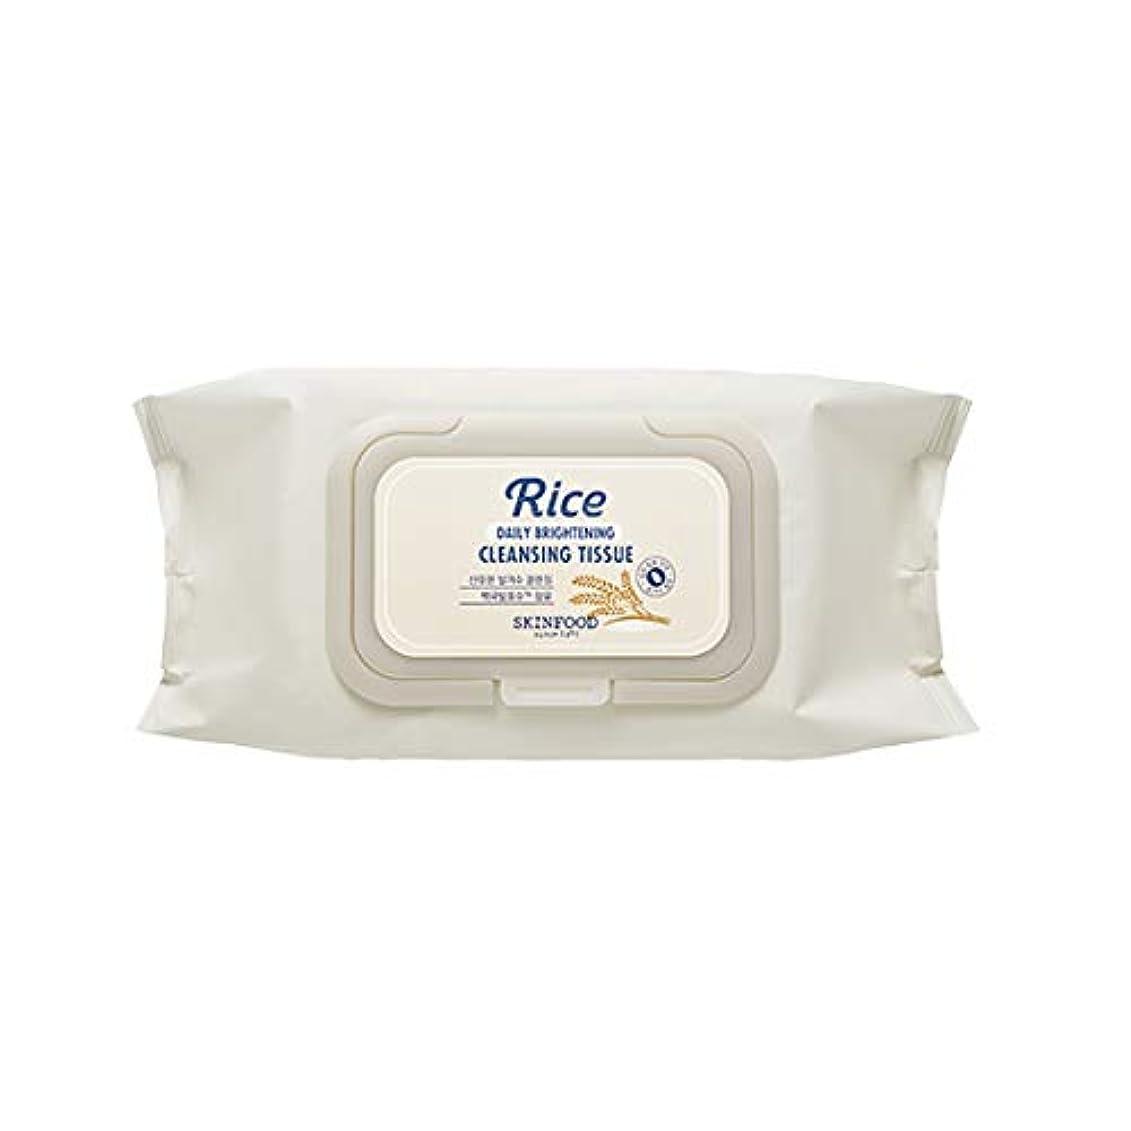 夜の動物園隠ブローSkinfood/Rice Daily Brightening Cleansing Tissue/ライスデイリーブライトニングクレンジングティッシュ/380ml [並行輸入品]